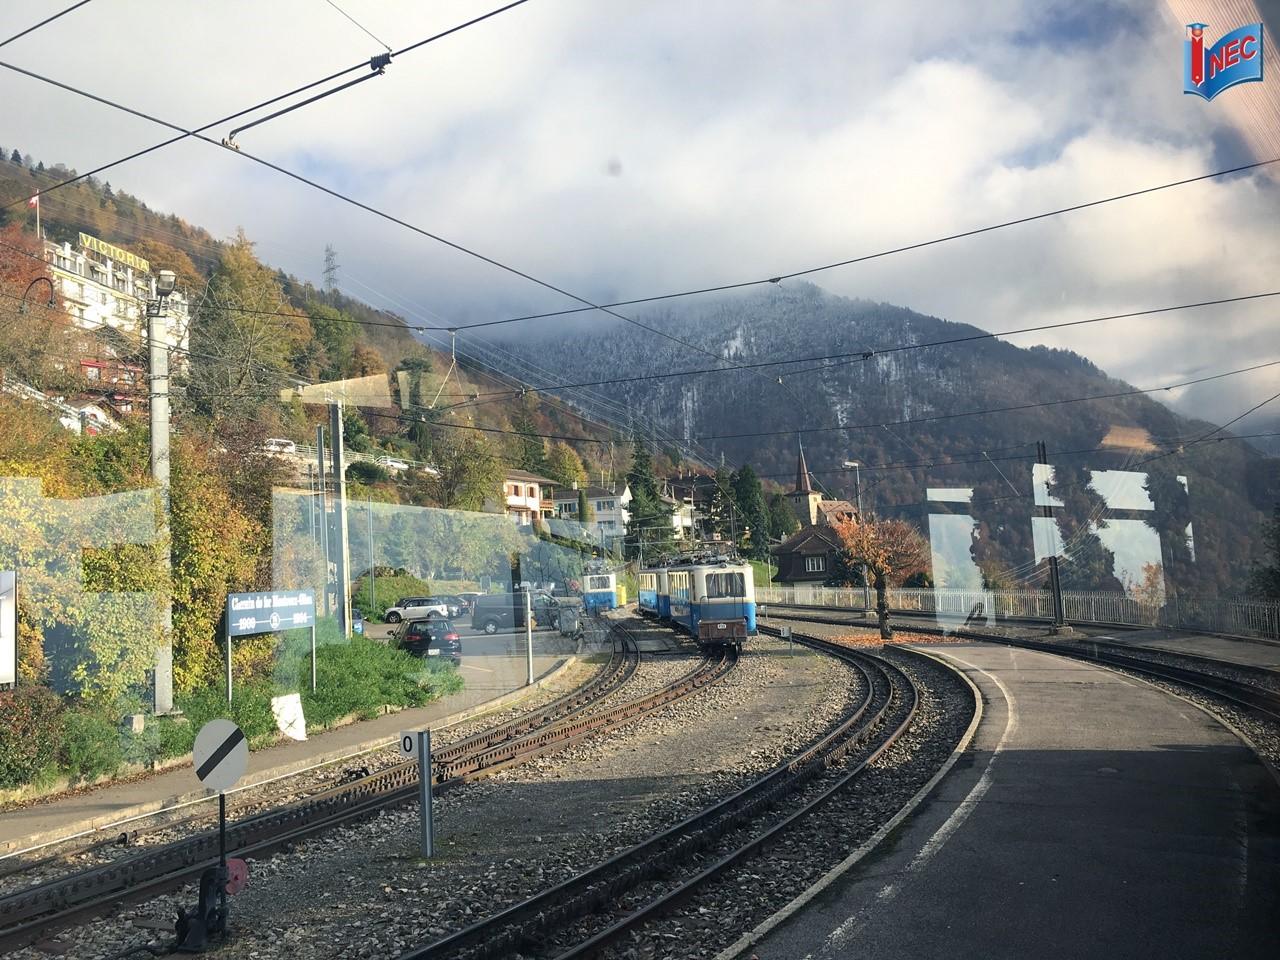 Trên chuyến tàu đưa INEC trở về Montreux